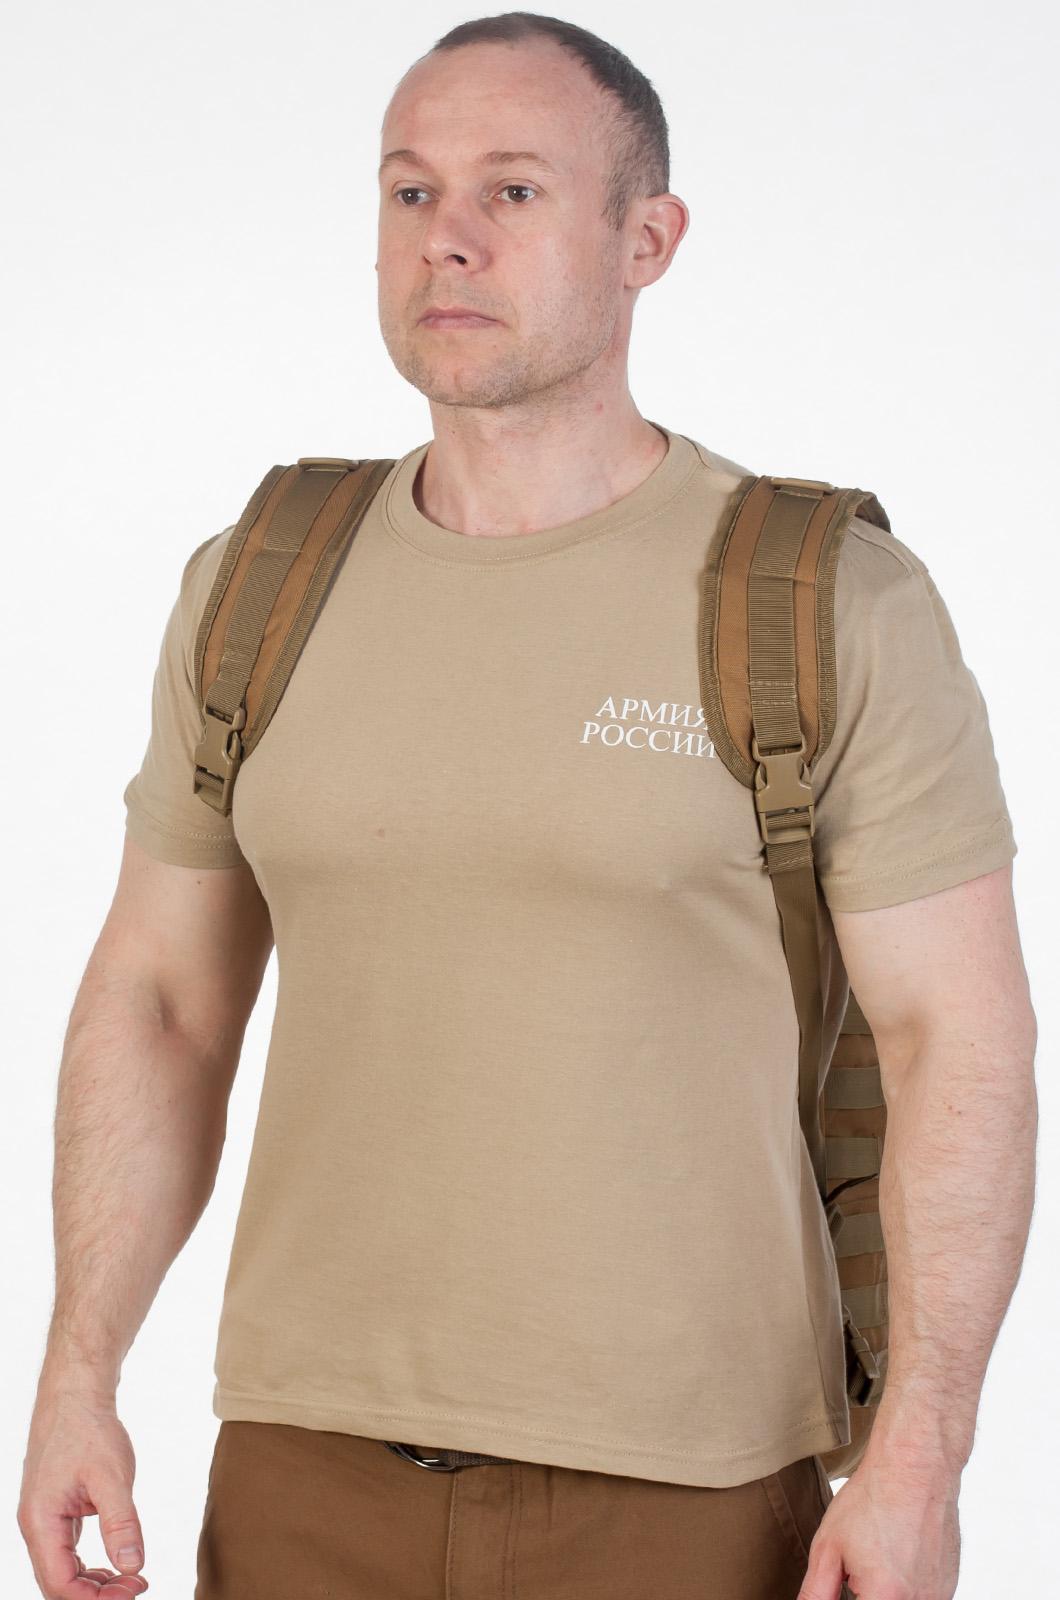 Зачетный рейдовый рюкзак с нашивкой Лучший Охотник - купить в розницу